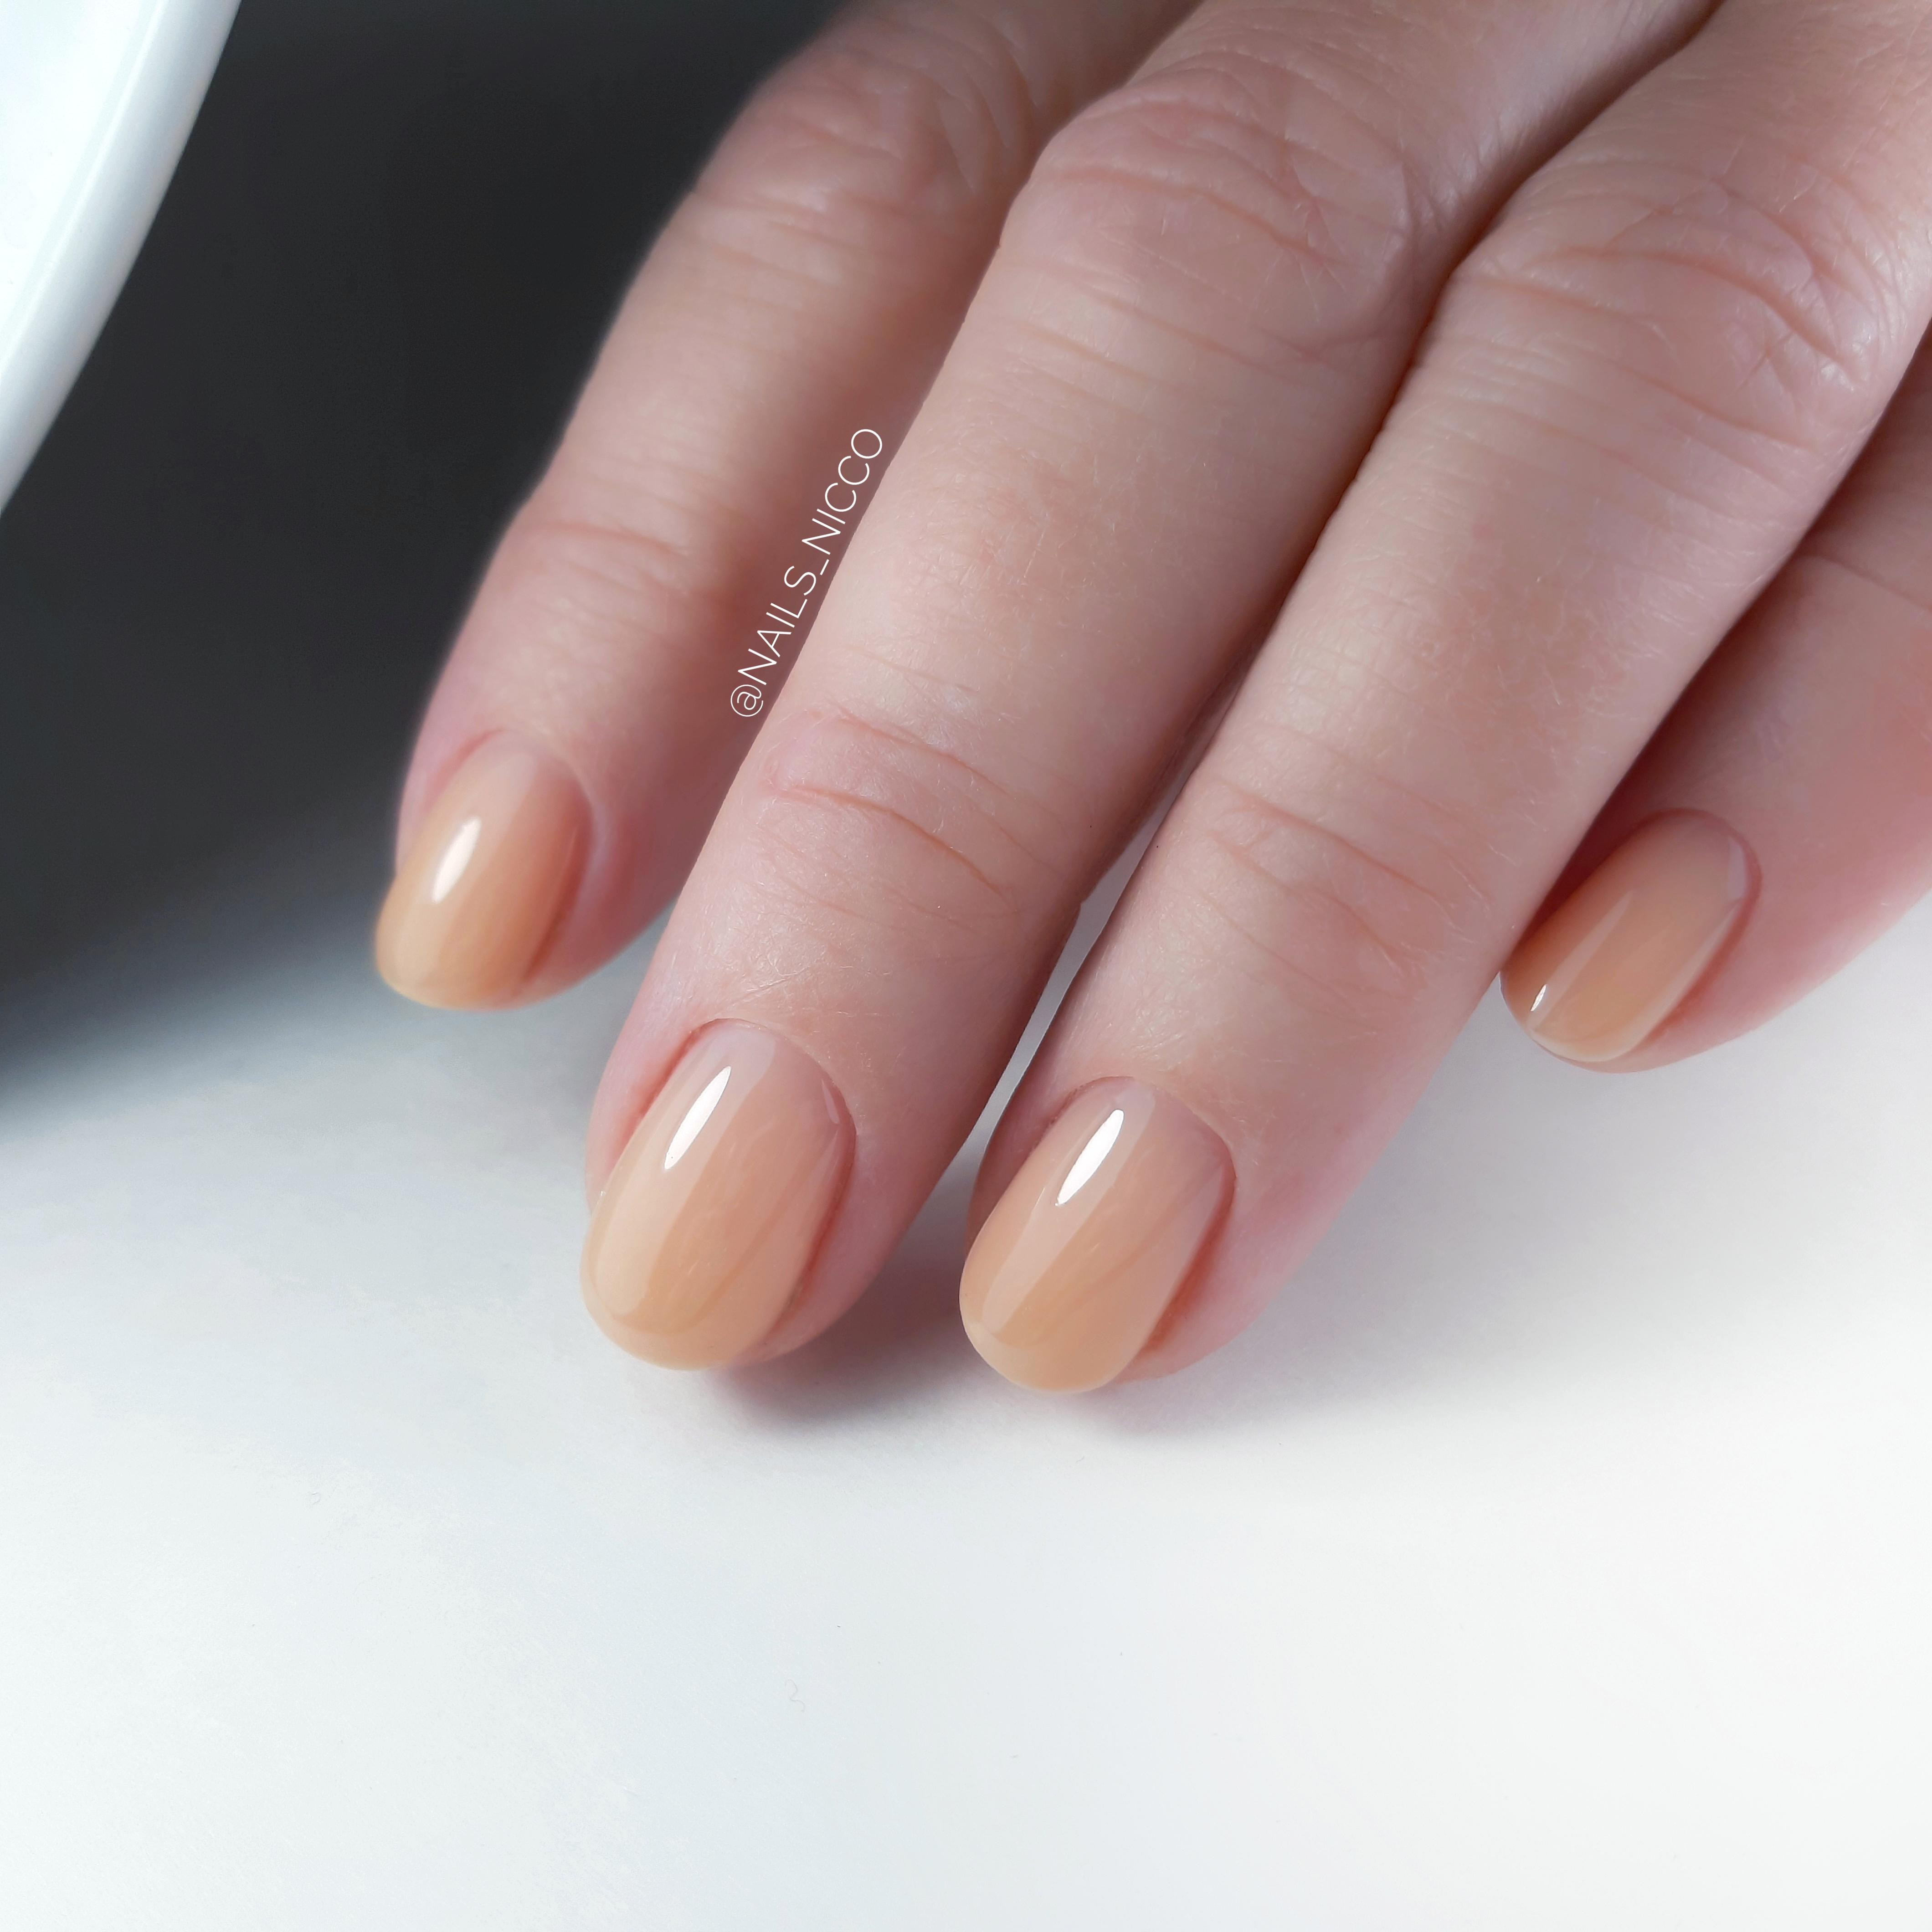 Маникюр в бежевом цвете на короткие ногти.